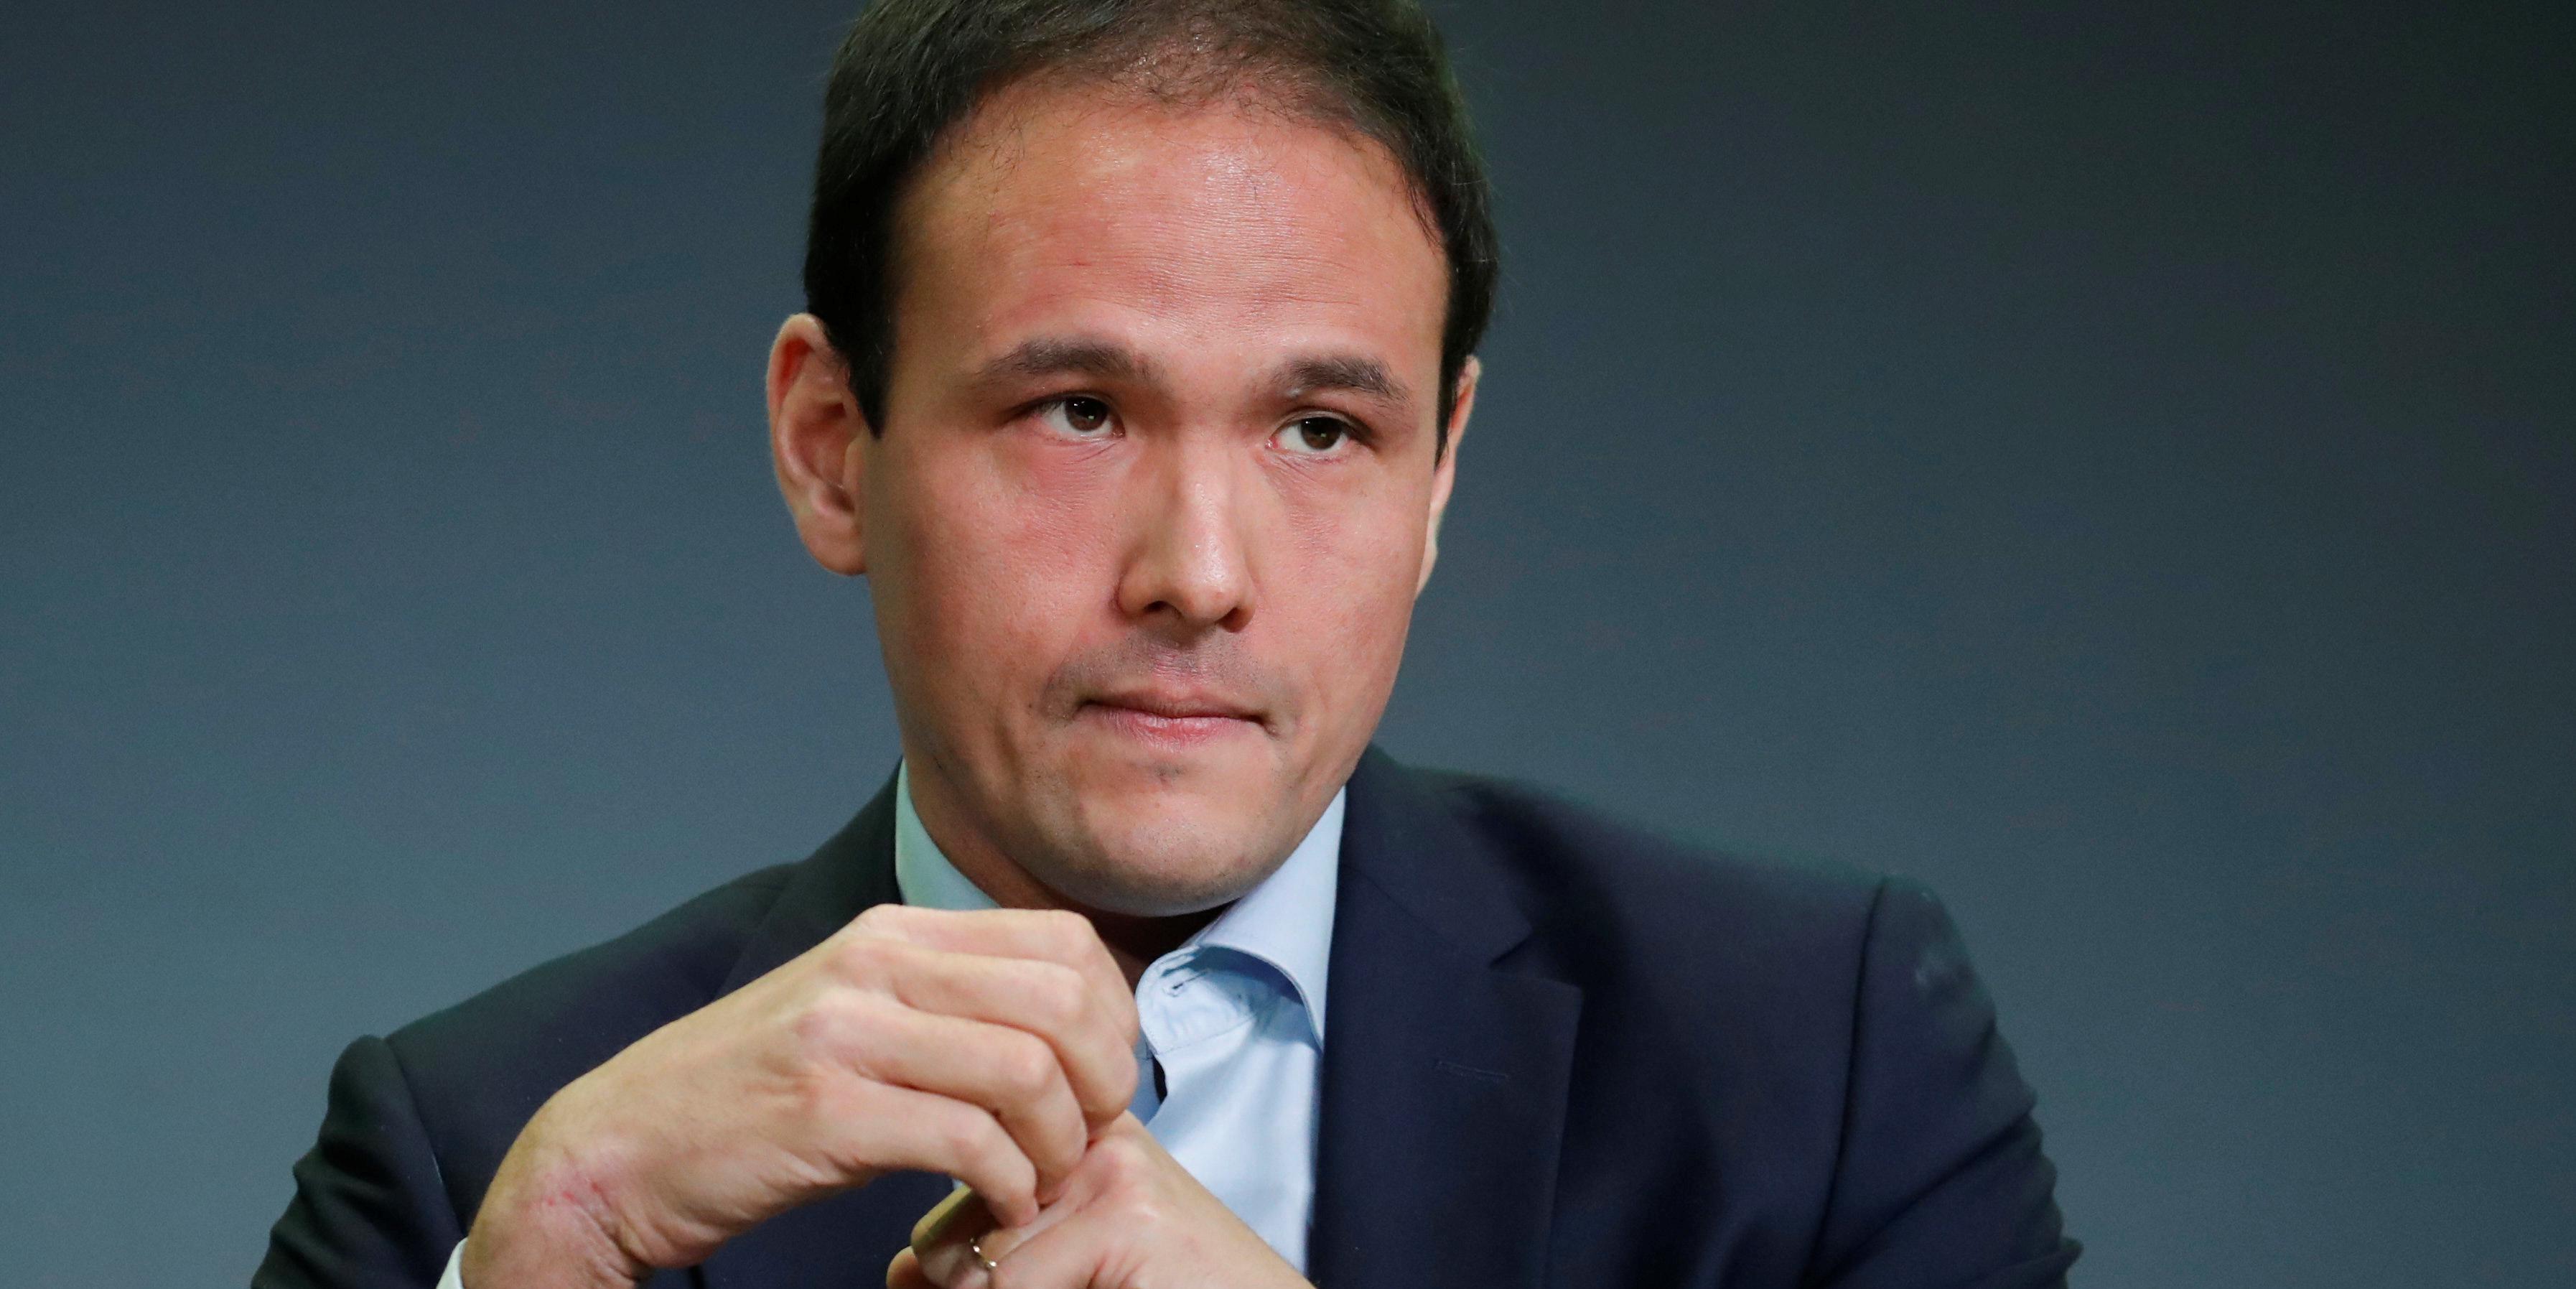 Bâle 3 : comment la France compte s'y prendre pour limiter l'impact des futures règles bancaires